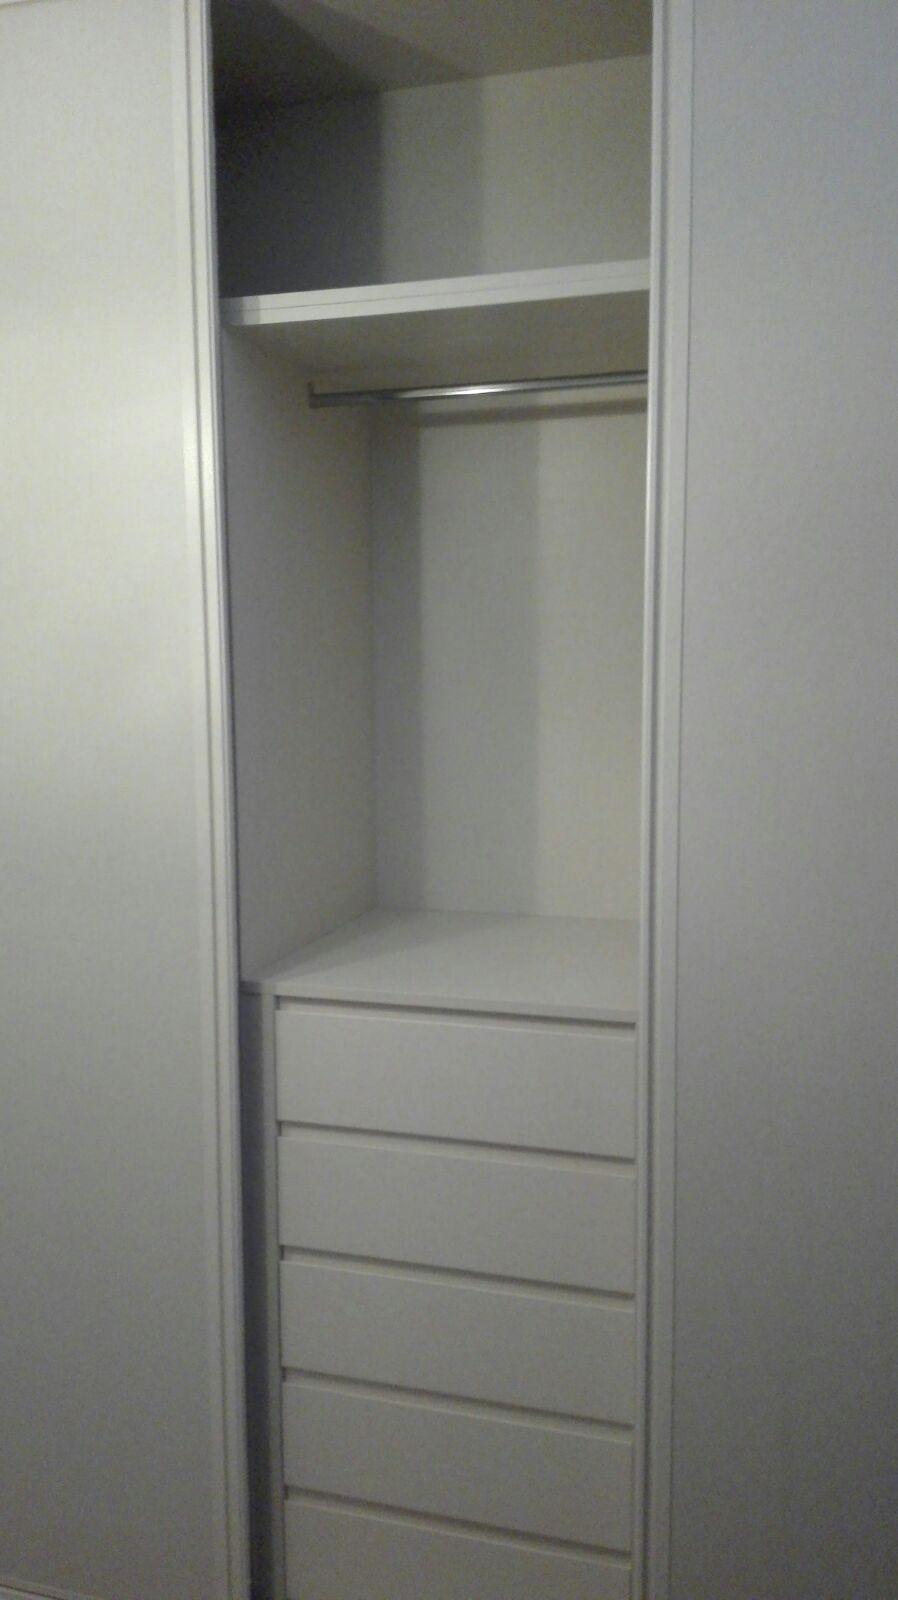 Detalle interior y nueva cajonera modelo box en armario corredera en 3 hojas lino coral - Cajonera interior armario ...